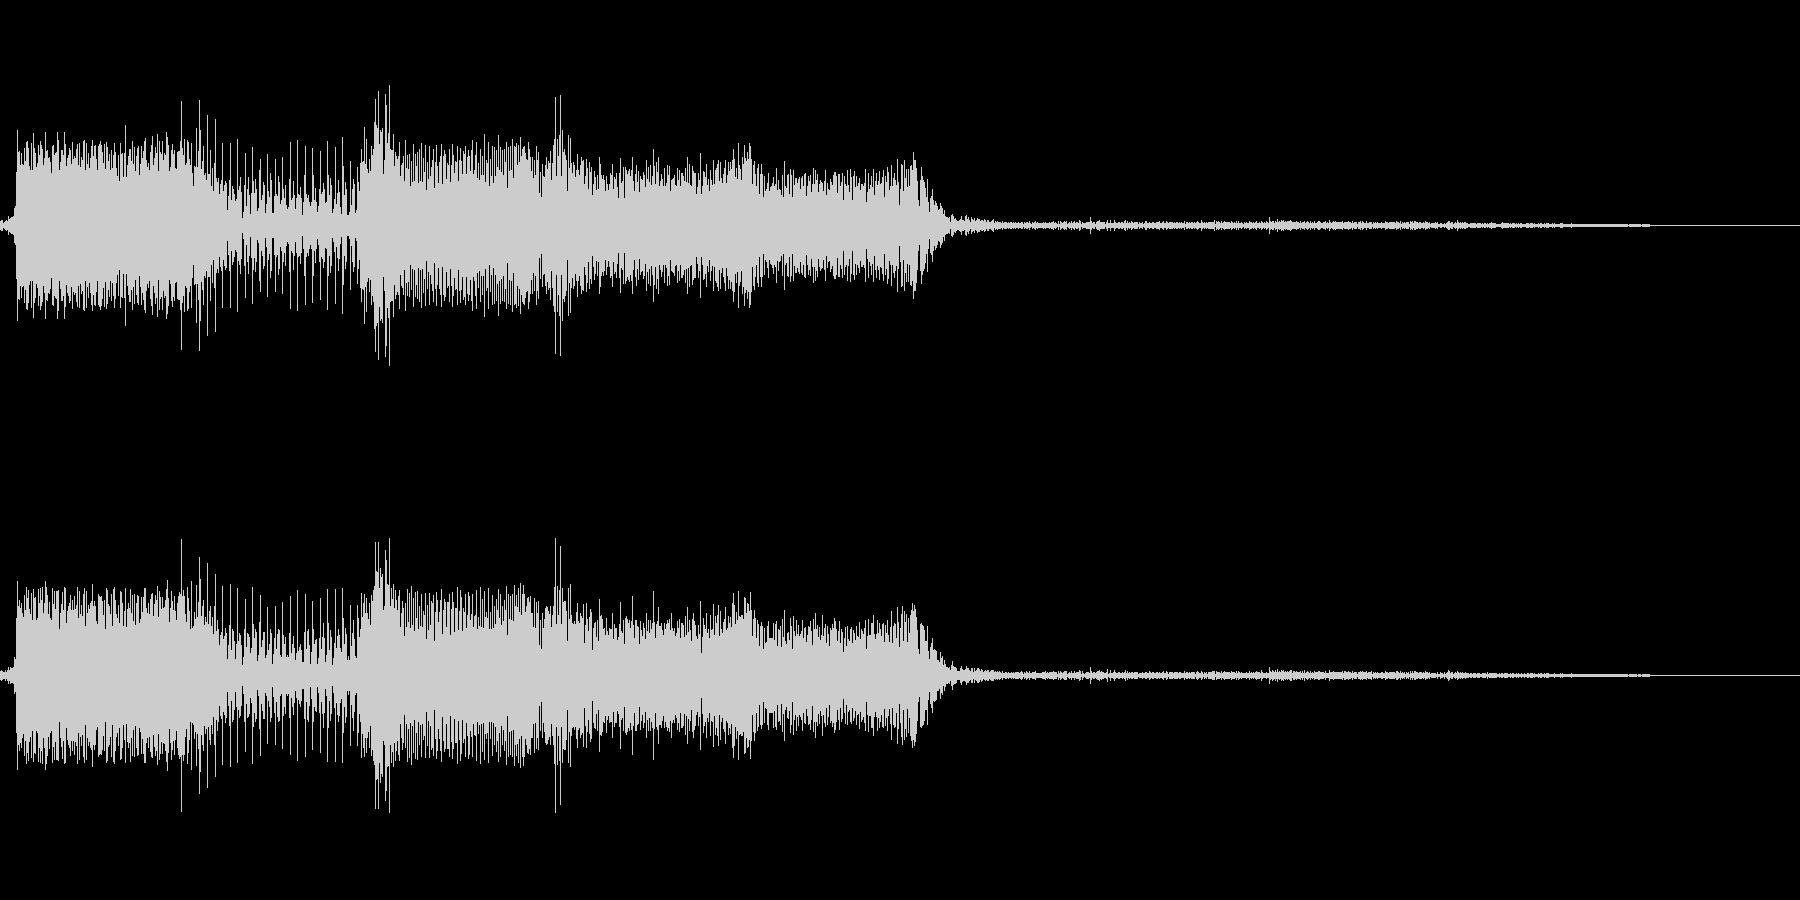 決定/ボタン押下音(メカニカルな音)の未再生の波形